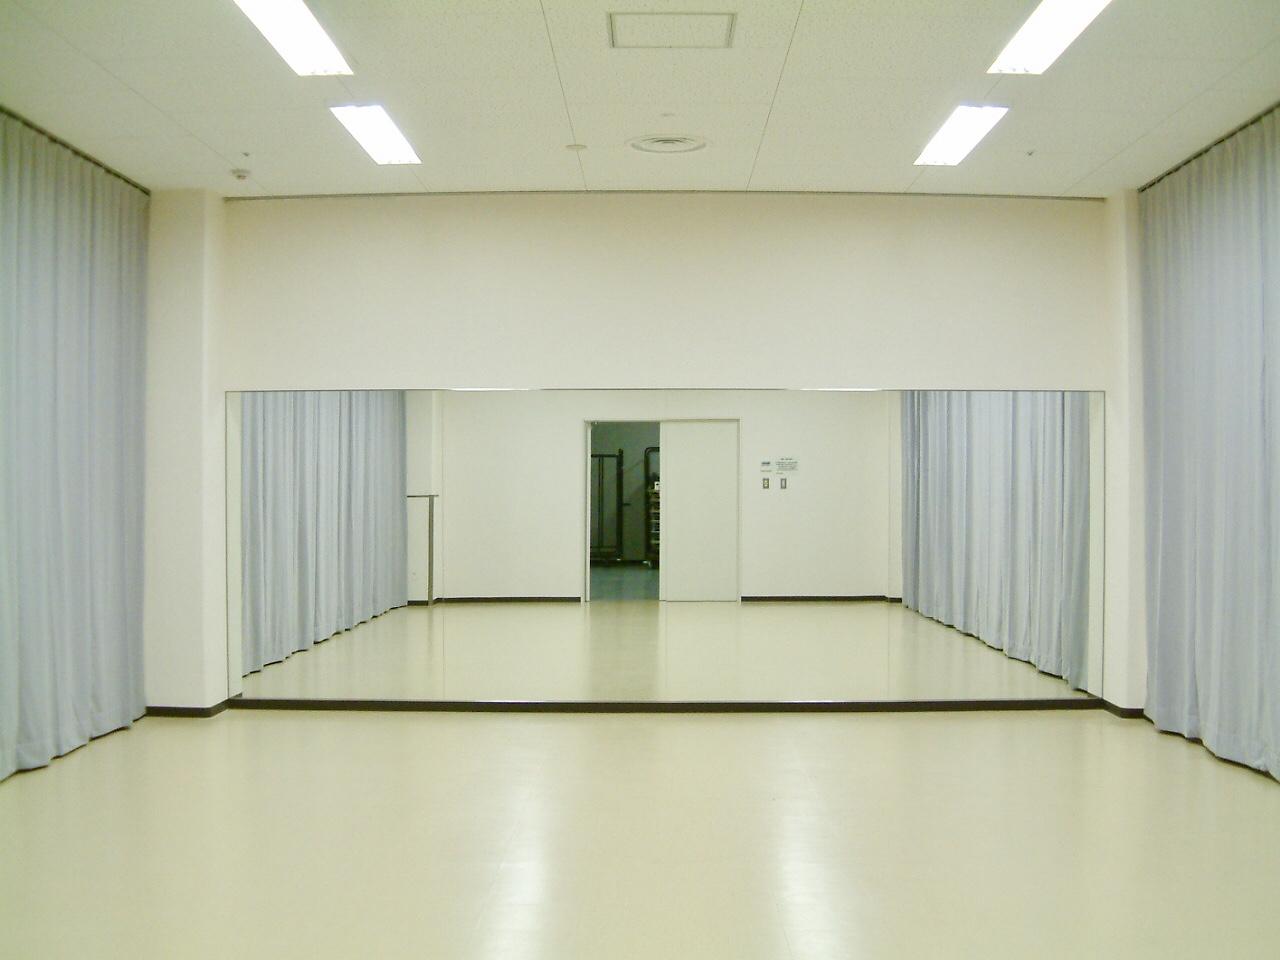 にぎわいプラザB-1練習室